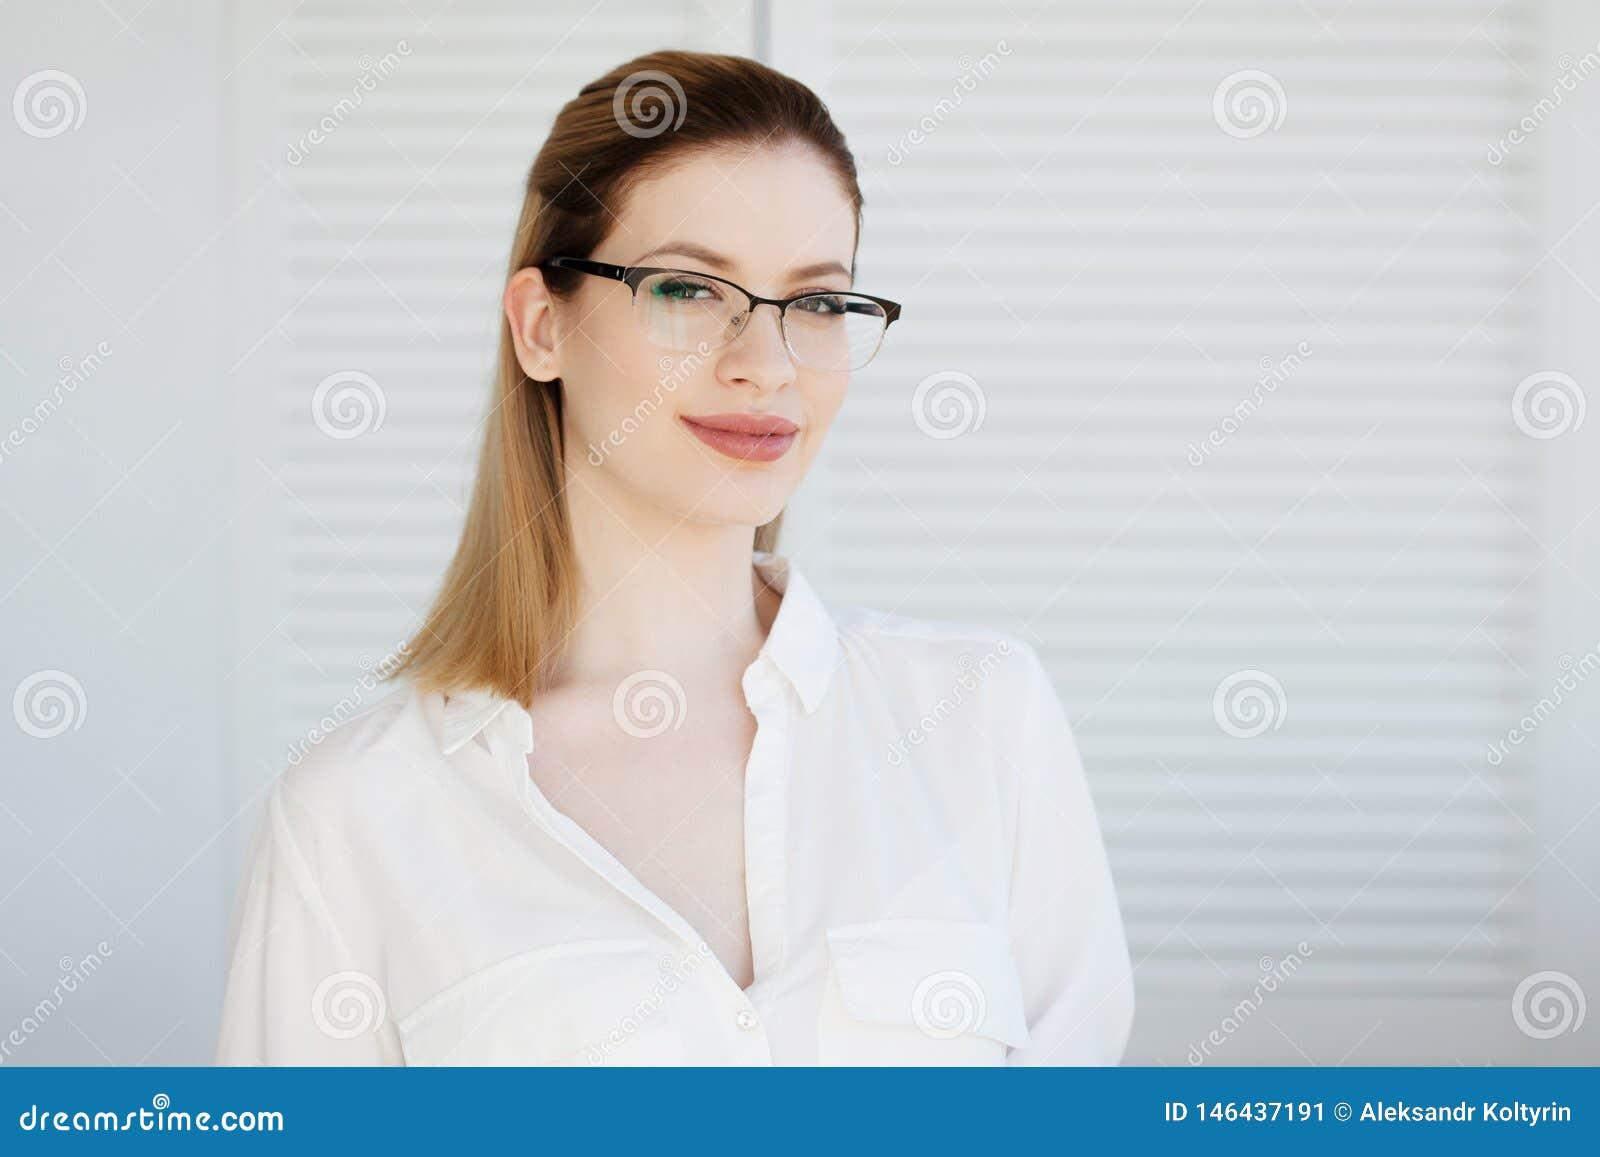 Стильные стекла в тонкой рамке, коррекции зрения Портрет молодой женщины